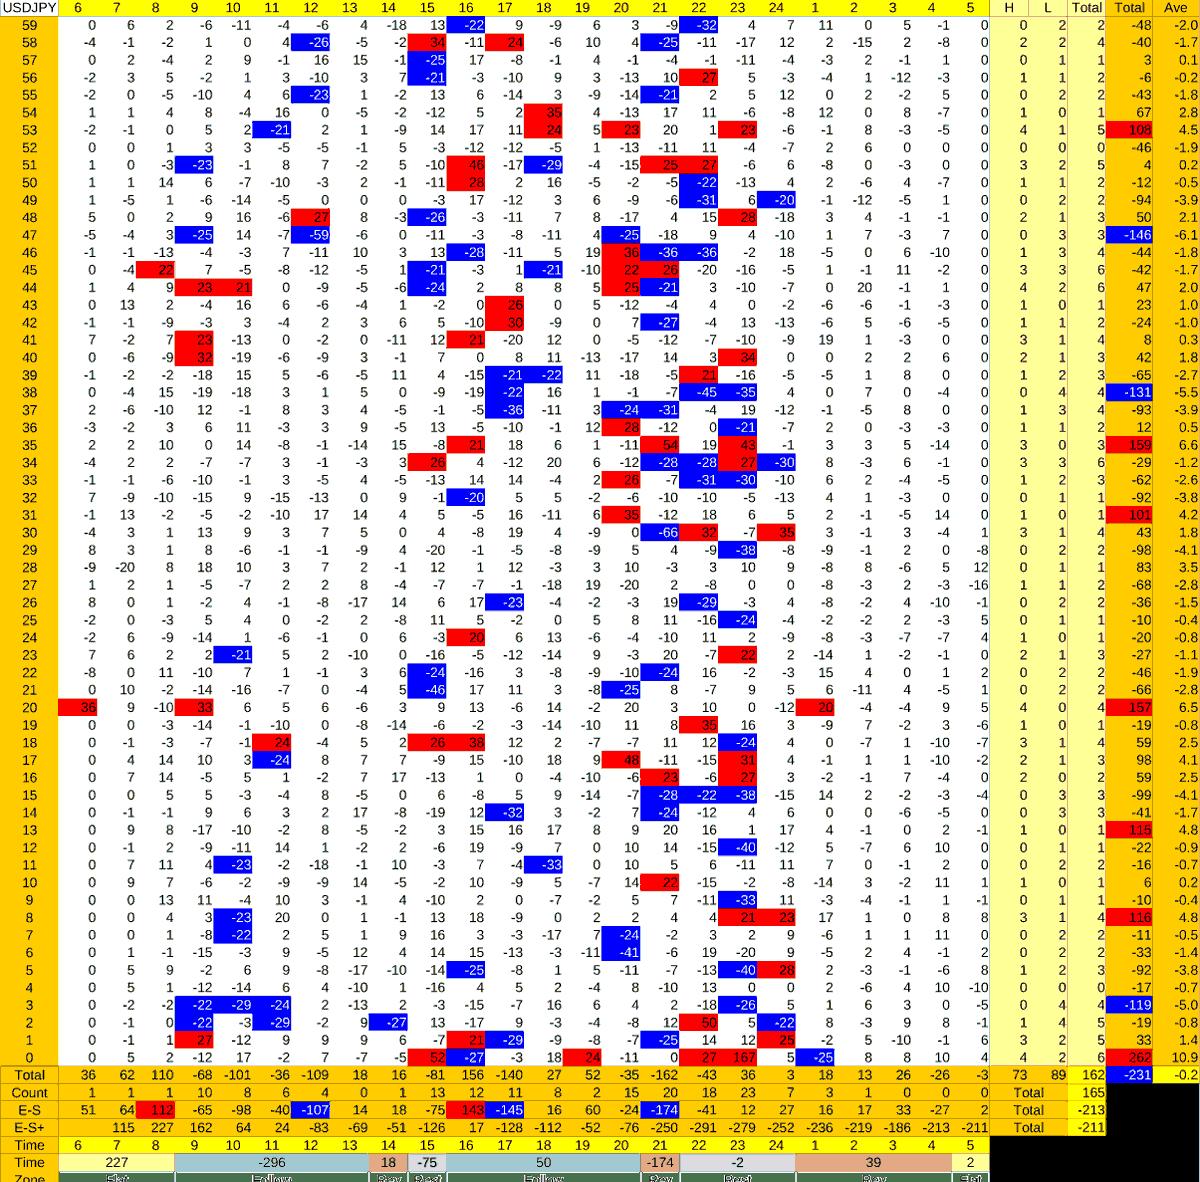 20211001_HS(1)USDJPY-min